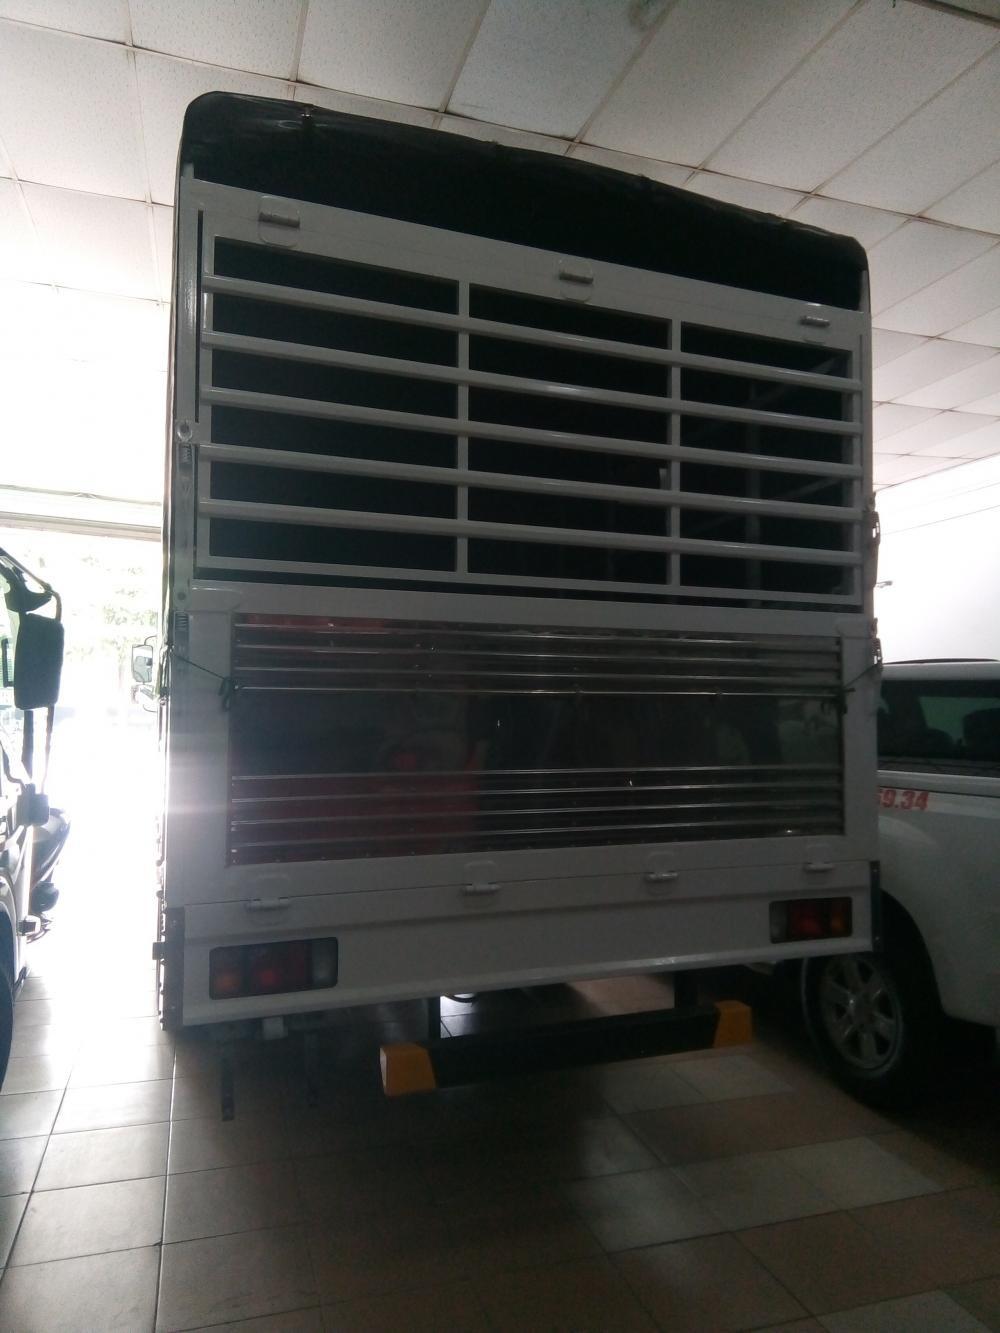 Bán Isuzu 5 tấn, KM máy lạnh, 9 phiếu bảo dưỡng